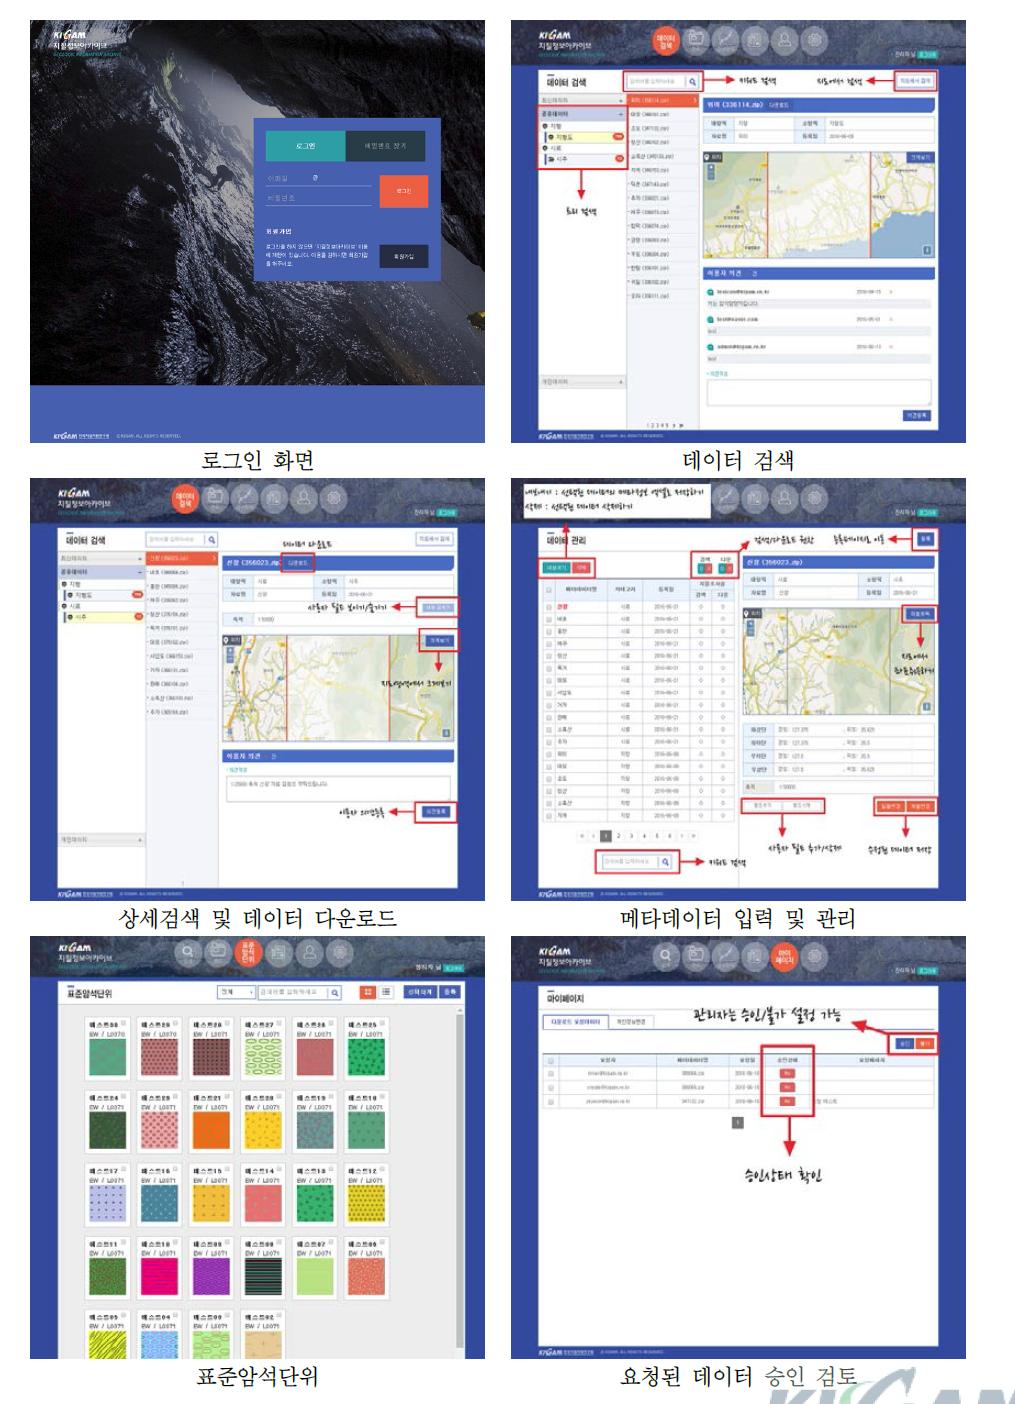 지질정보 관리시스템(KGia)의 주요 메뉴 화면 구성